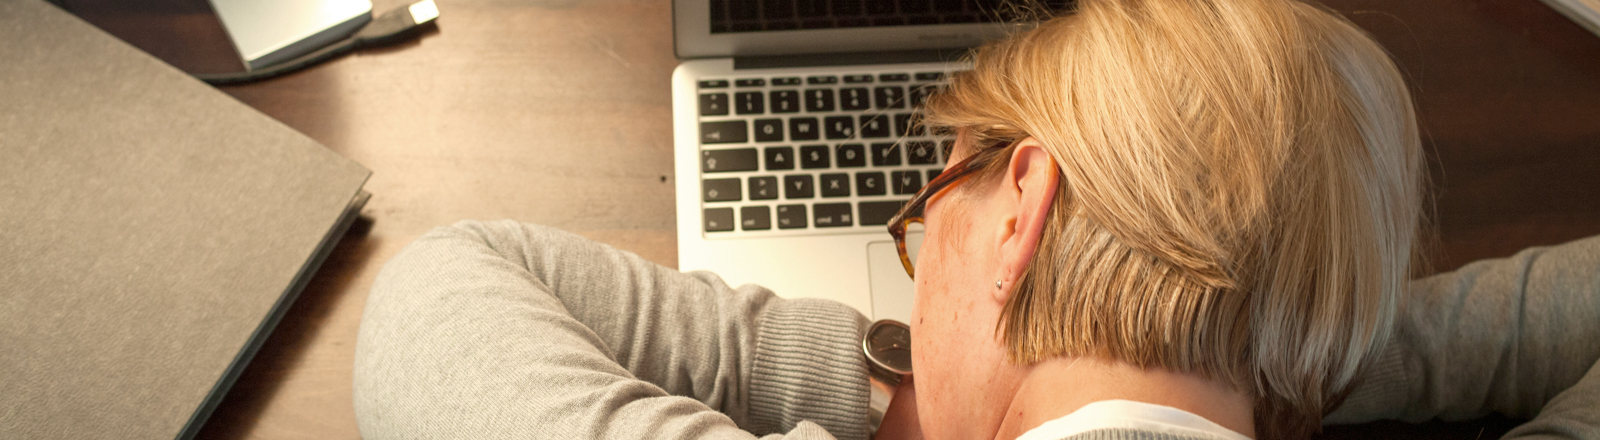 Eine Frau schläft auf ihrem Rechner.